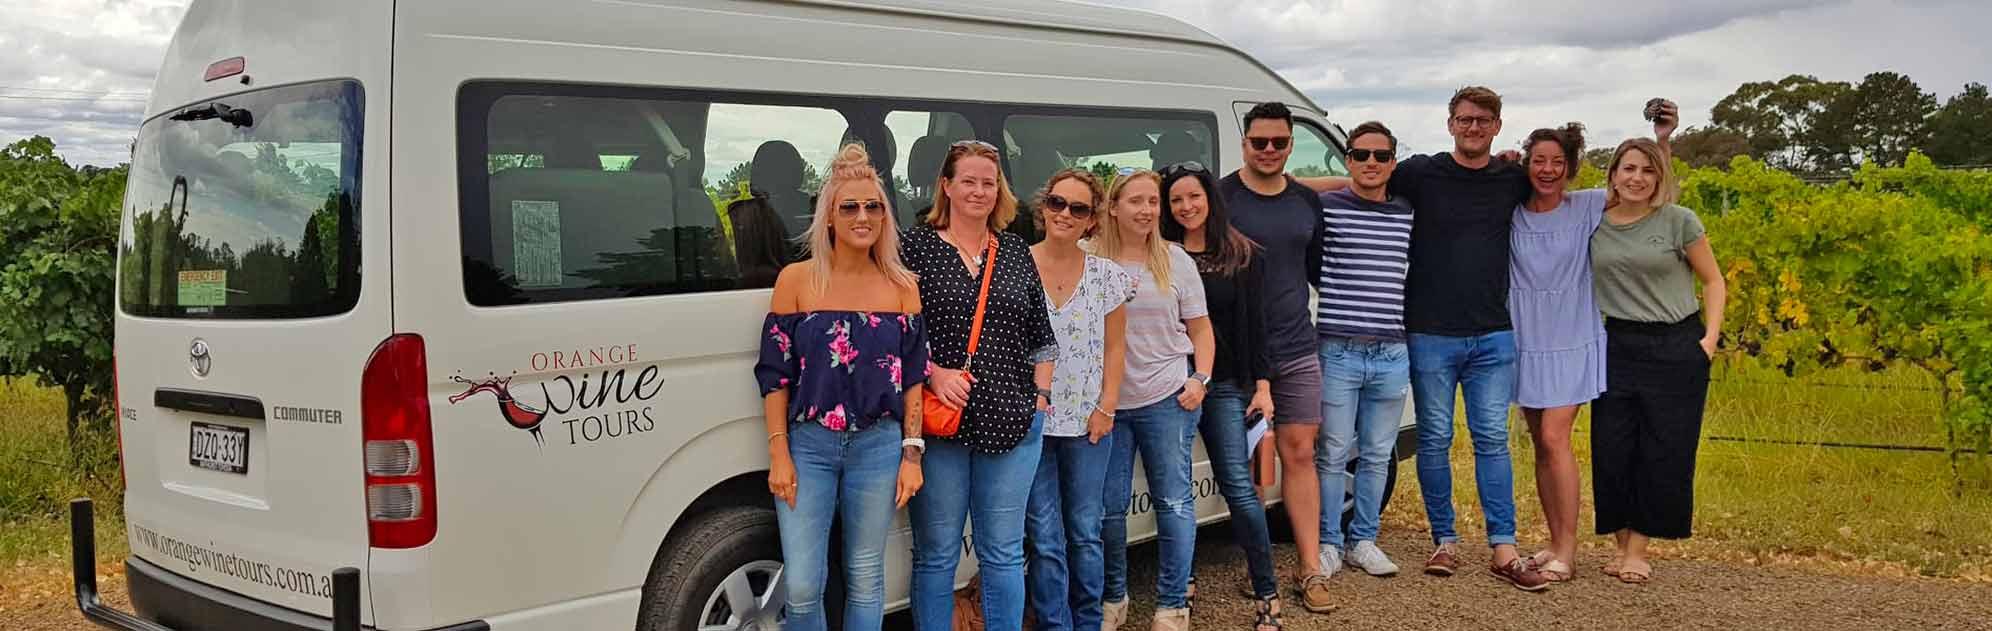 Tour with van